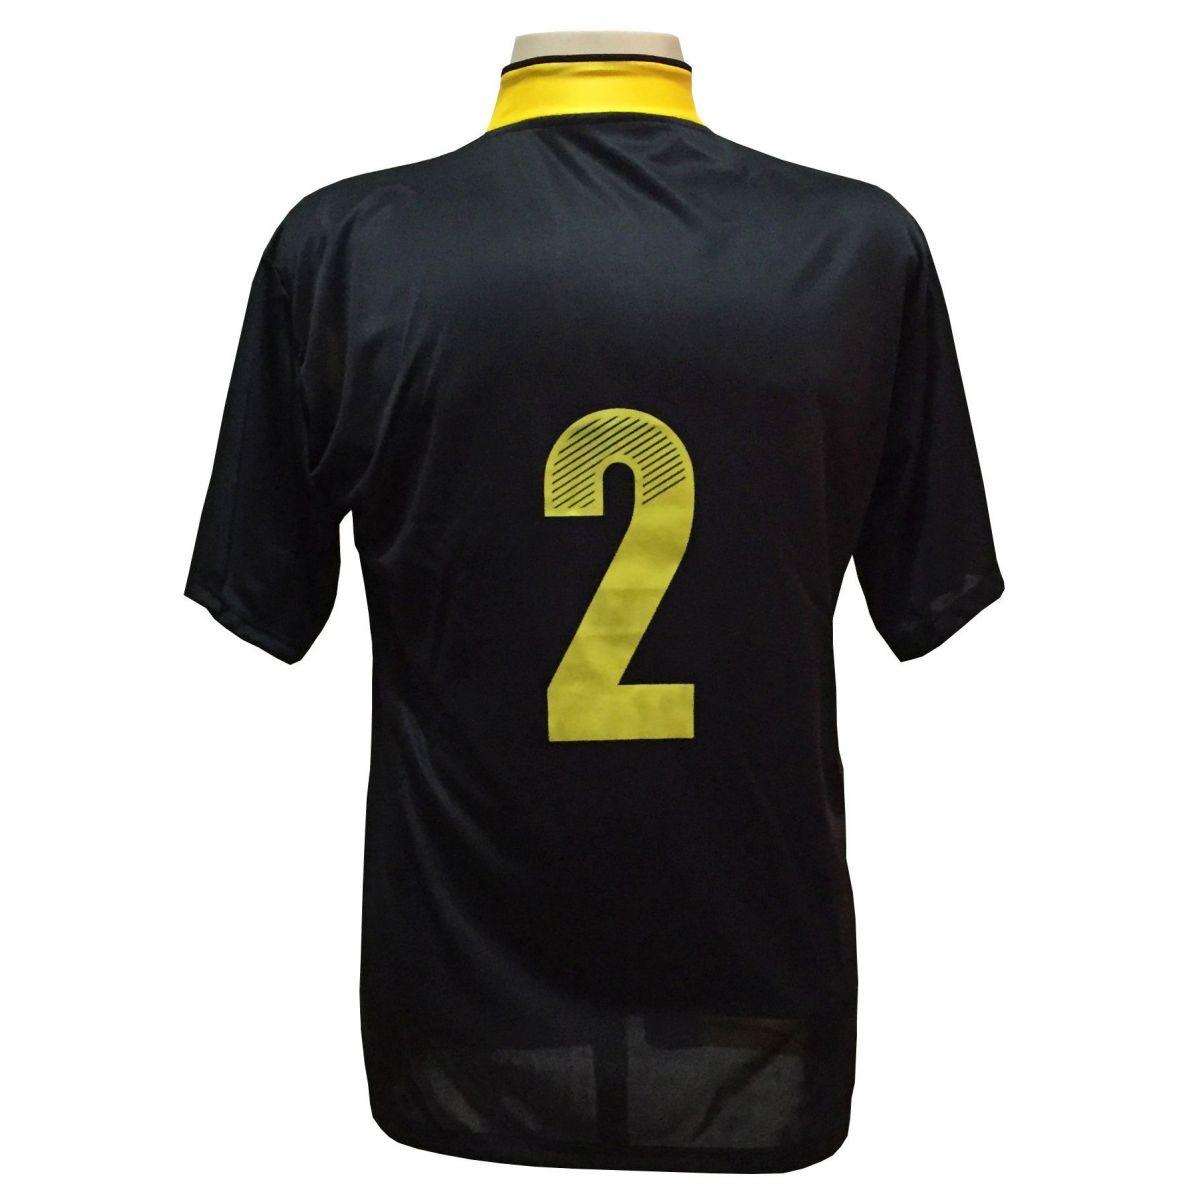 Uniforme Esportivo Completo modelo Suécia  14+1 (14 camisas Preto/Amarelo + 14 calções modelo Copa Preto/Amarelo + 14 pares de meiões Amarelos + 1 conjunto de goleiro) + Brindes